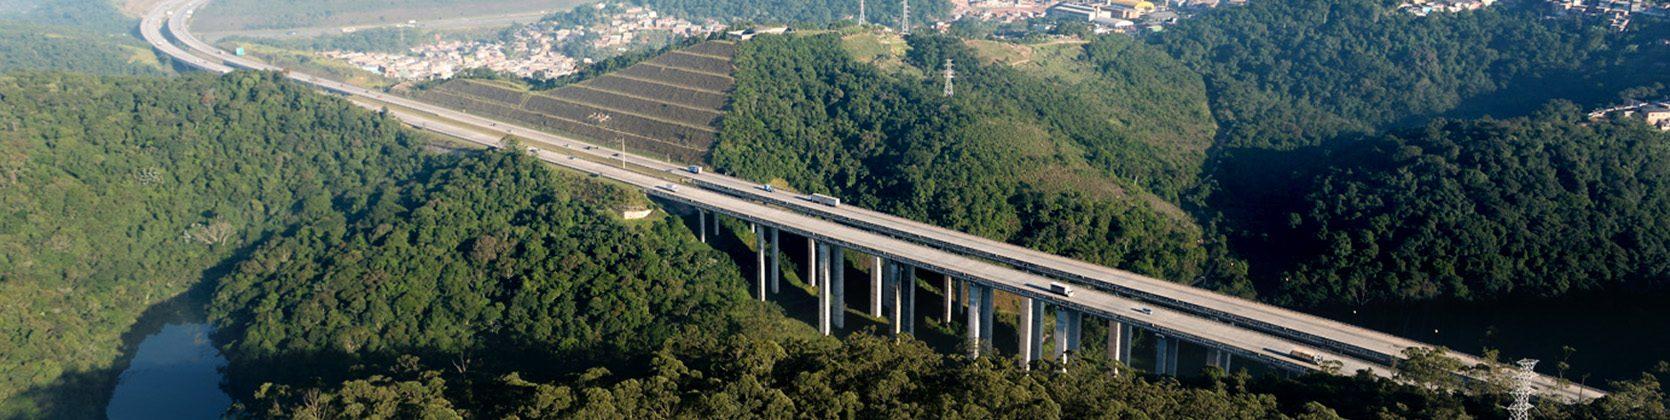 Pontes e Viadutos